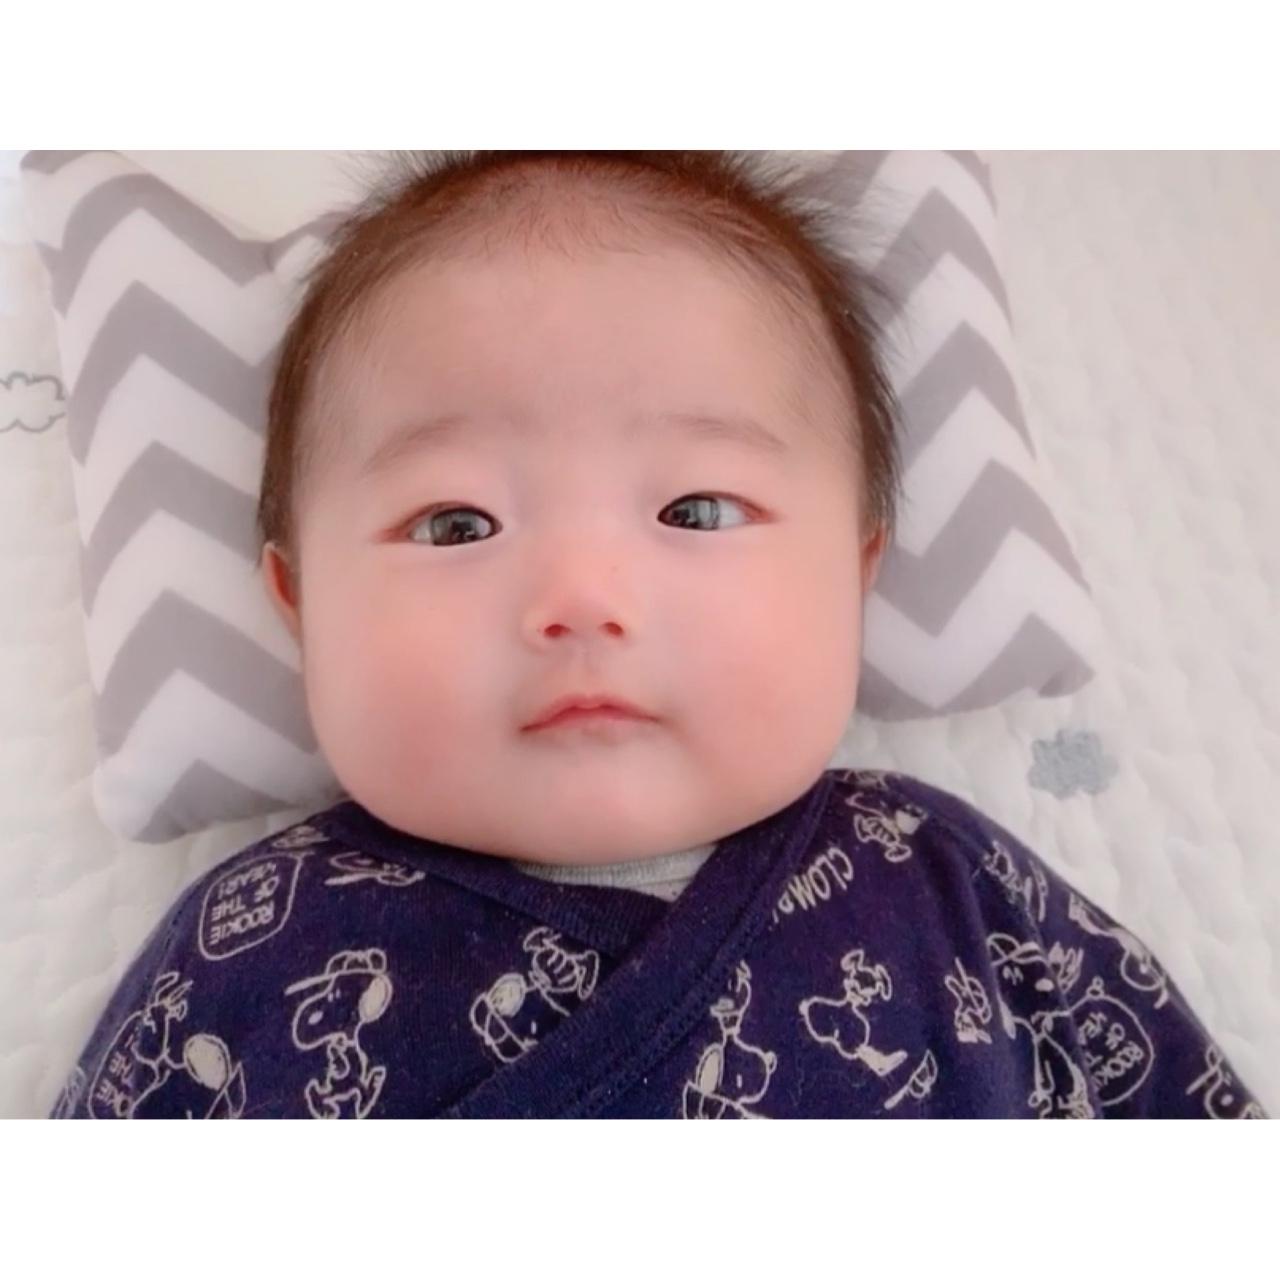 このお顔たまらなく可愛い 赤ちゃんてとことん癒し